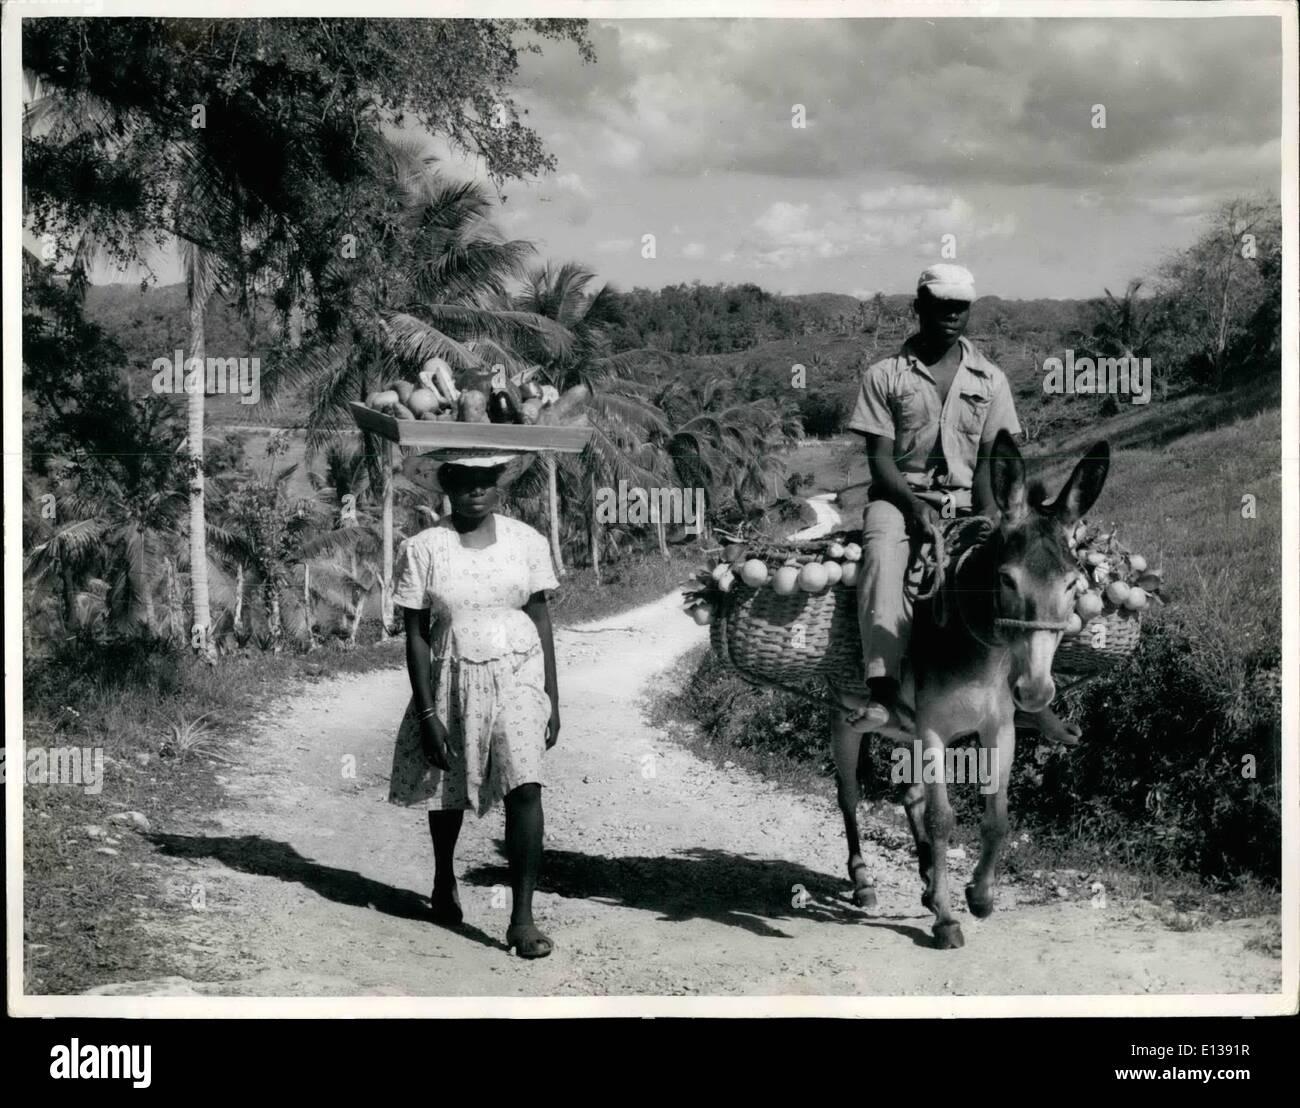 Febrero 29, 2012 - El caballero cabalga en Jamaica, B.W.I. Los campesinos del país en su camino al mercado de frutas y verduras. Nadie tiene prisa, menos de todos los pacientes de las cargas. Imagen De Stock